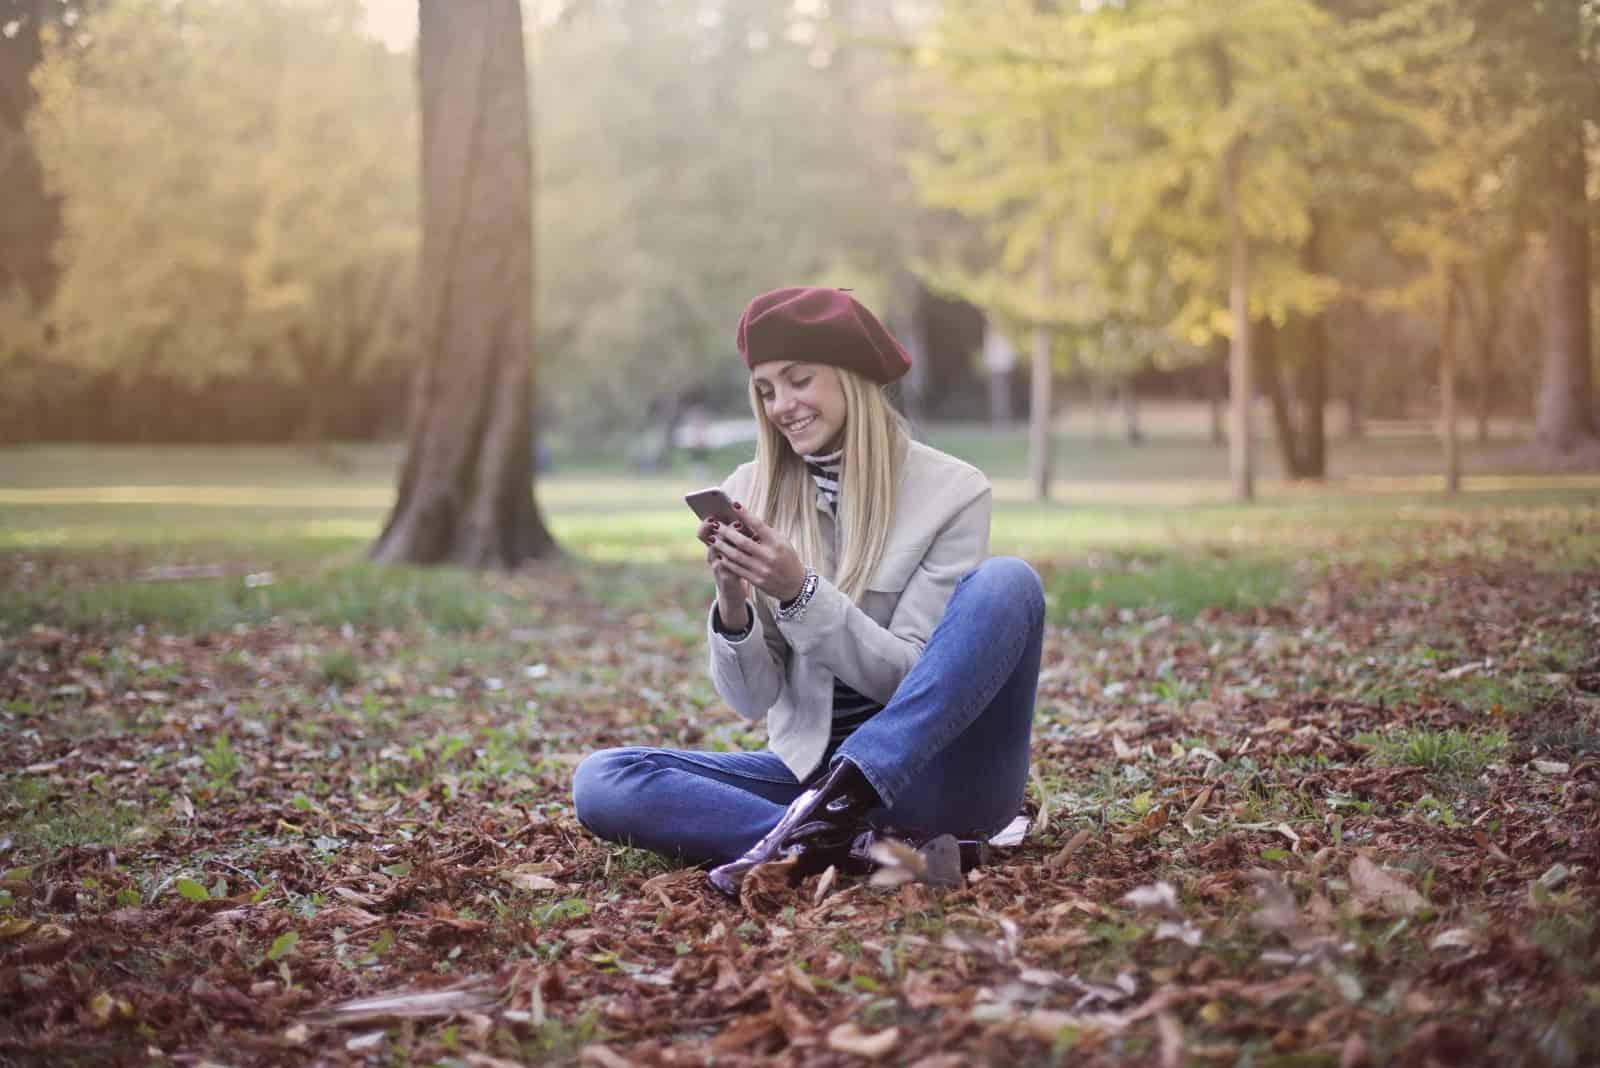 femme heureuse séance sur feuilles regarder smartphone